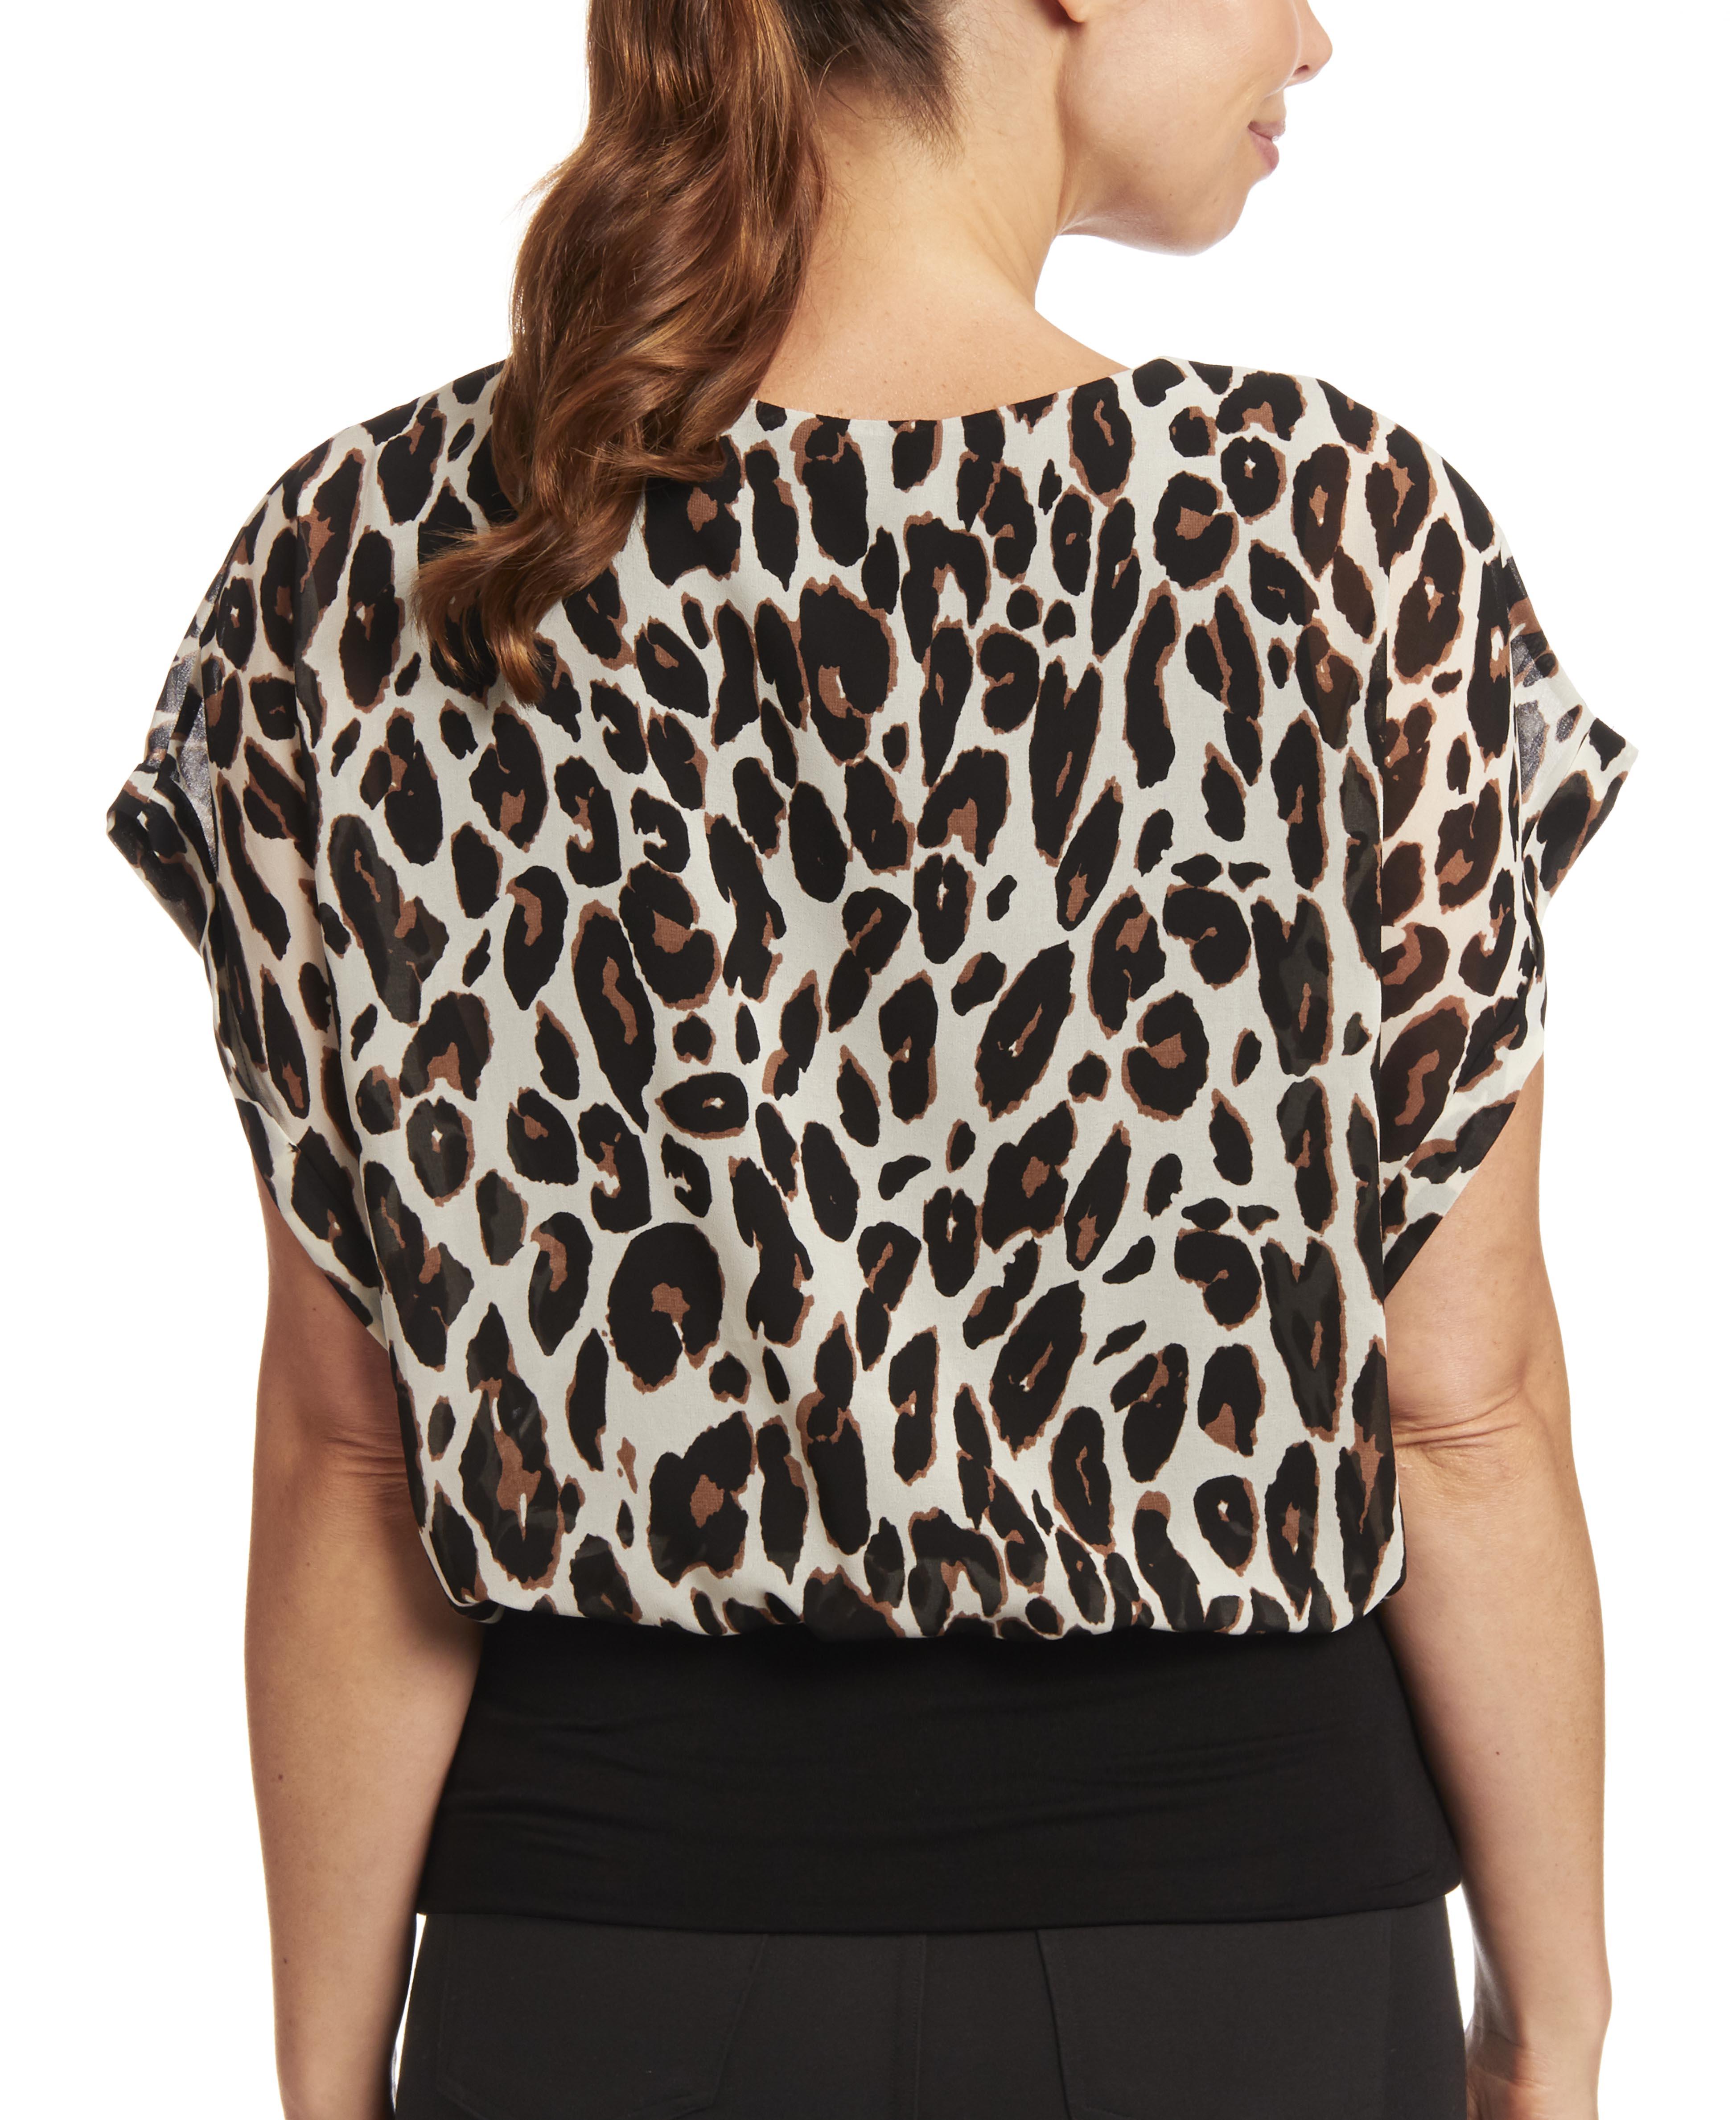 Dolman Sleeve Blouse in Velvet Leopard